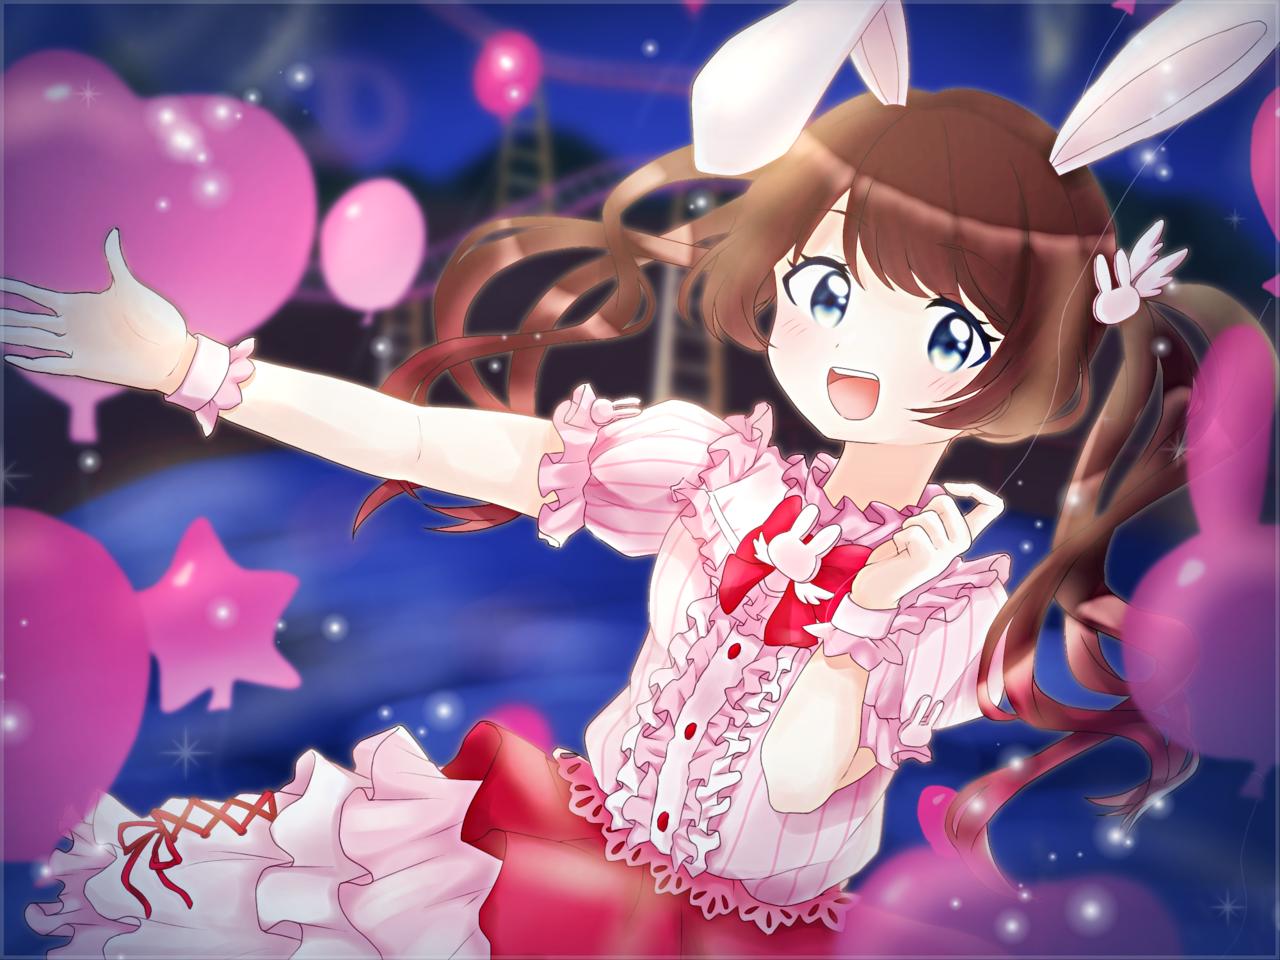 遊園地うさぎちゃん! Illust of みみ July2020_Contest:Anniversary oc girl rabbit